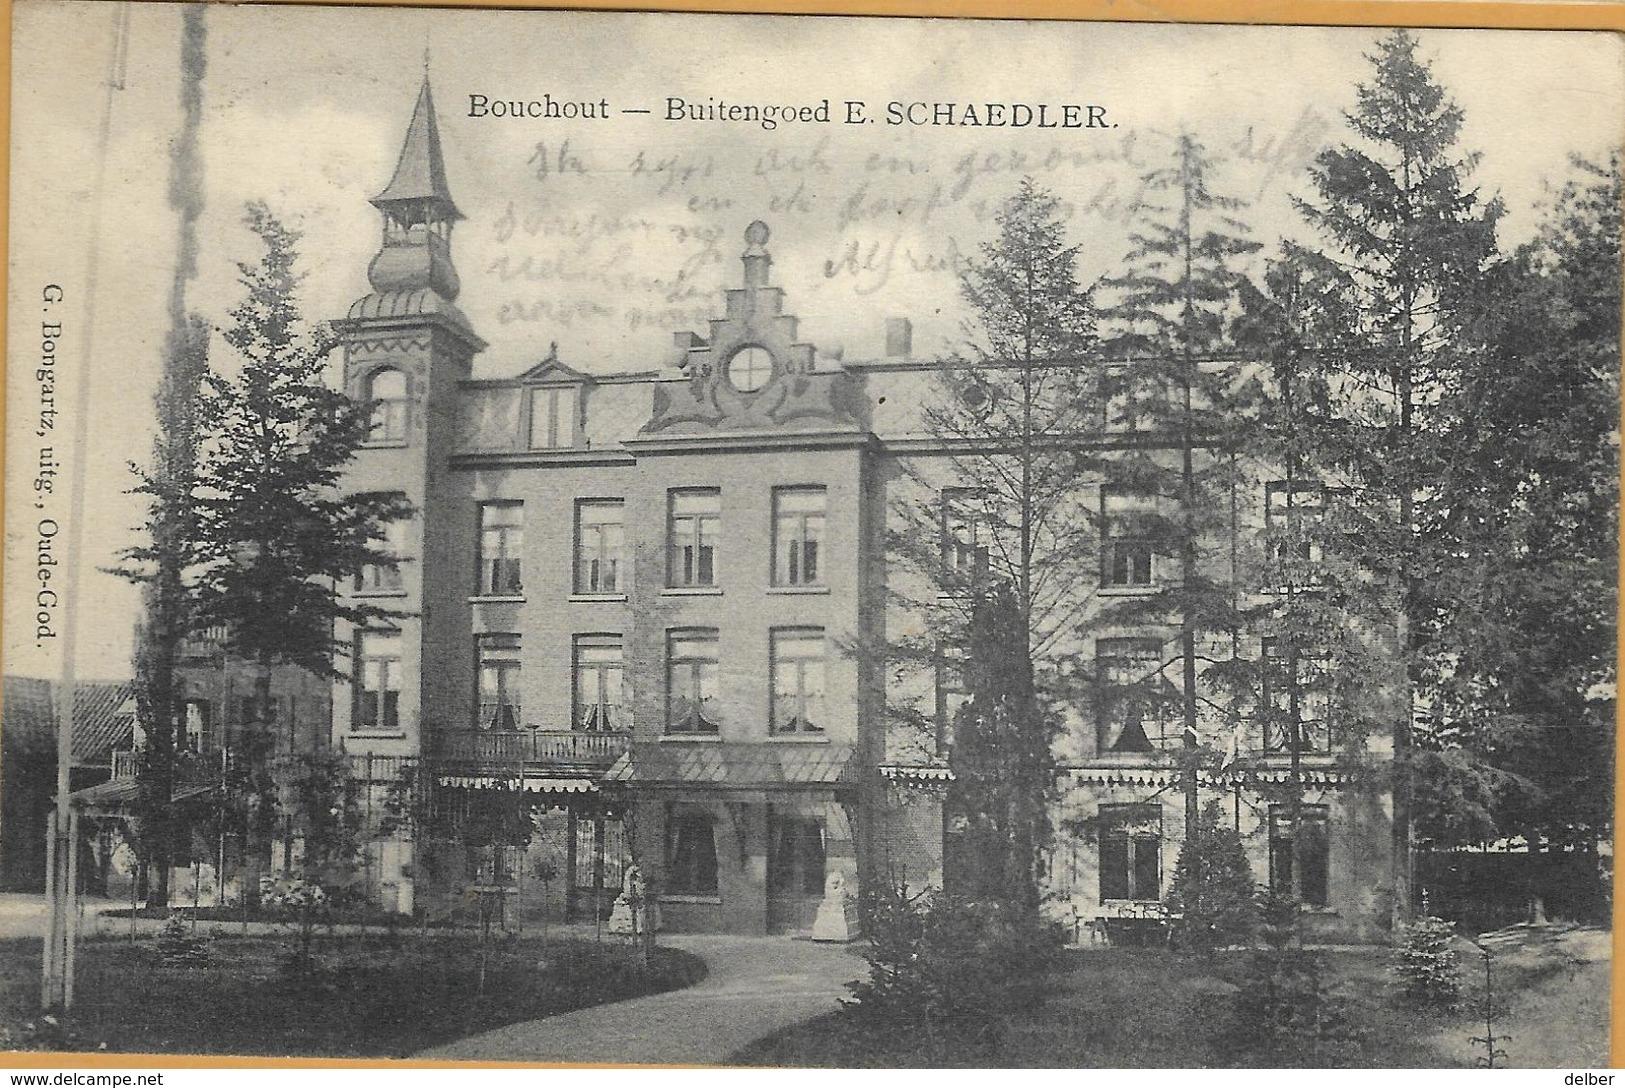 Op-396: S.M. BOUCHOUTE(LIER) 15 IX 1914 > PANNE 5 IX 1914 : Pk: Bouchout -Buitengoed E.SCHAEDELER - WW I